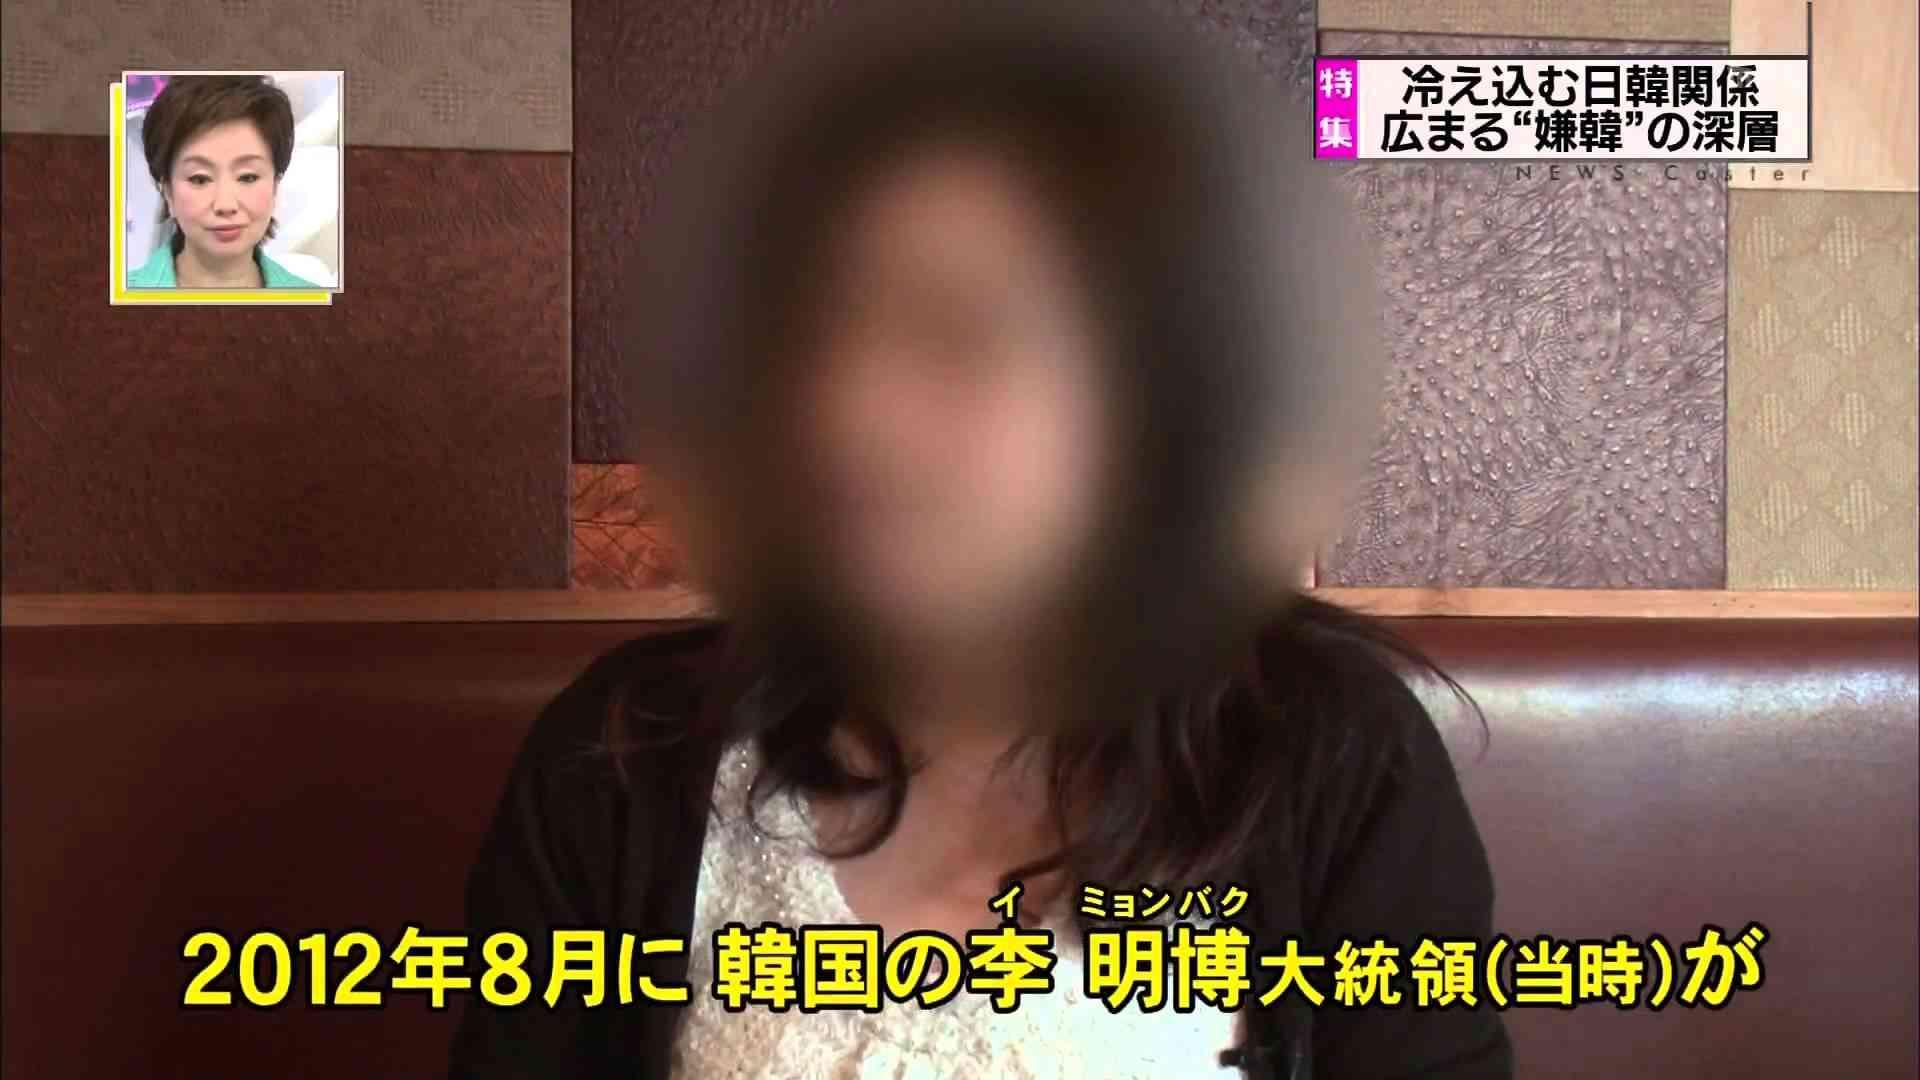 140208 冷え込む日韓関係 広まる嫌韓の真相 - YouTube